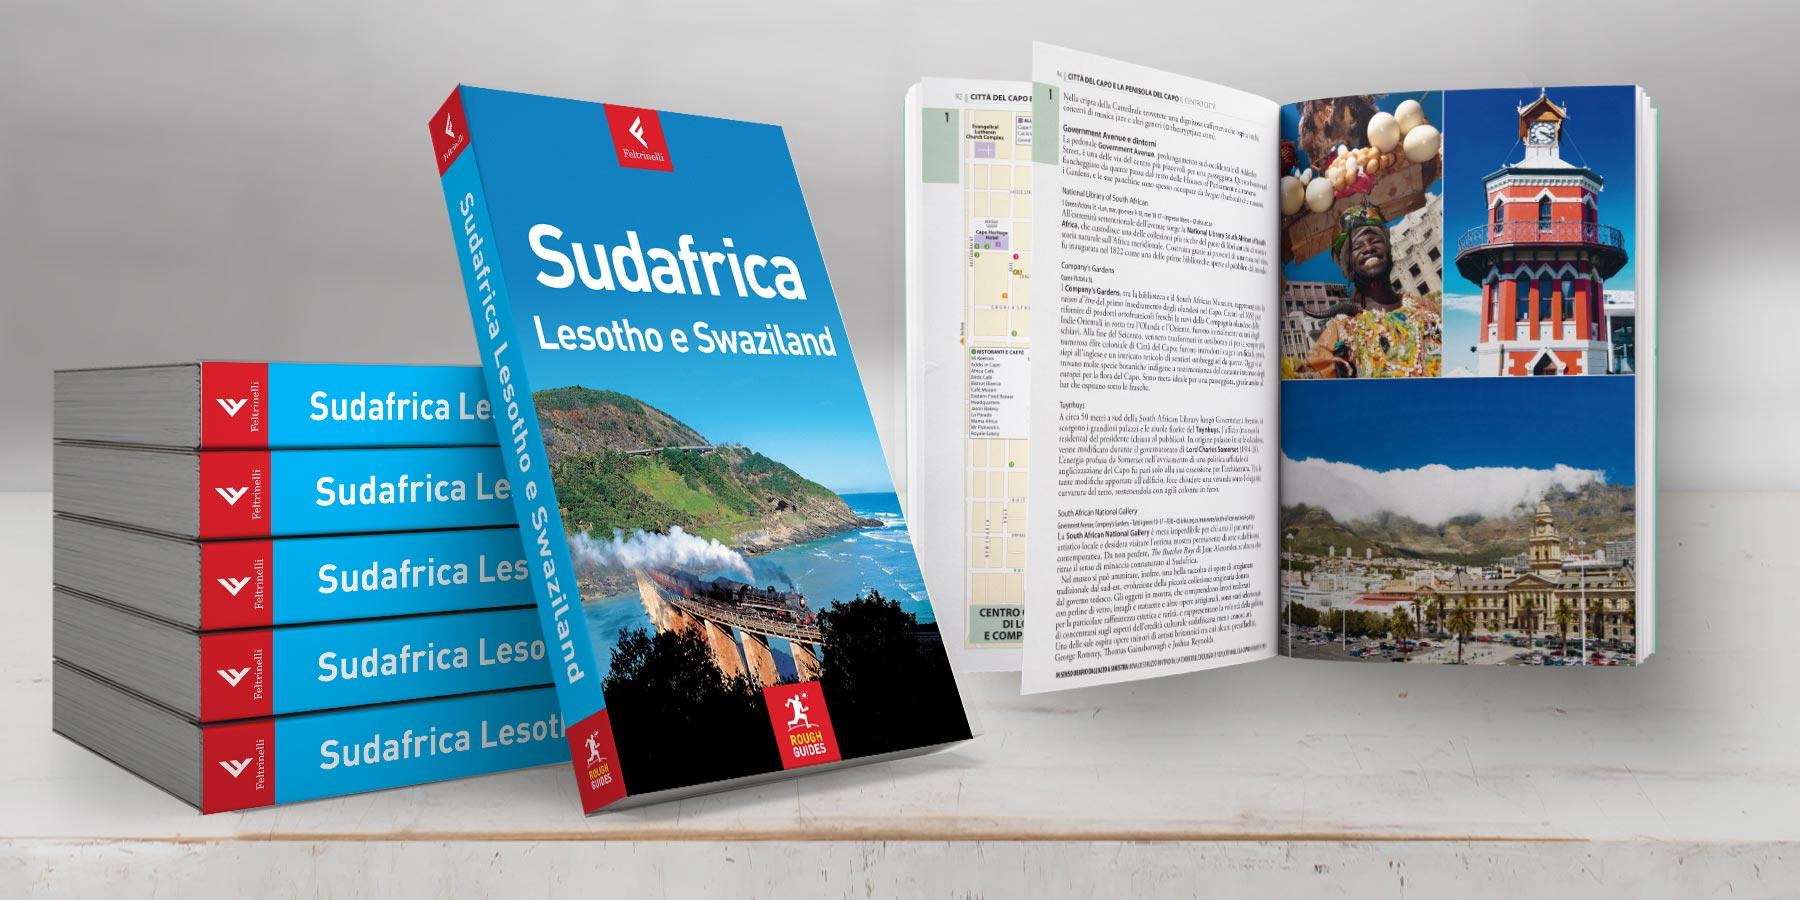 gruida turistica rough guide, Sudafrica